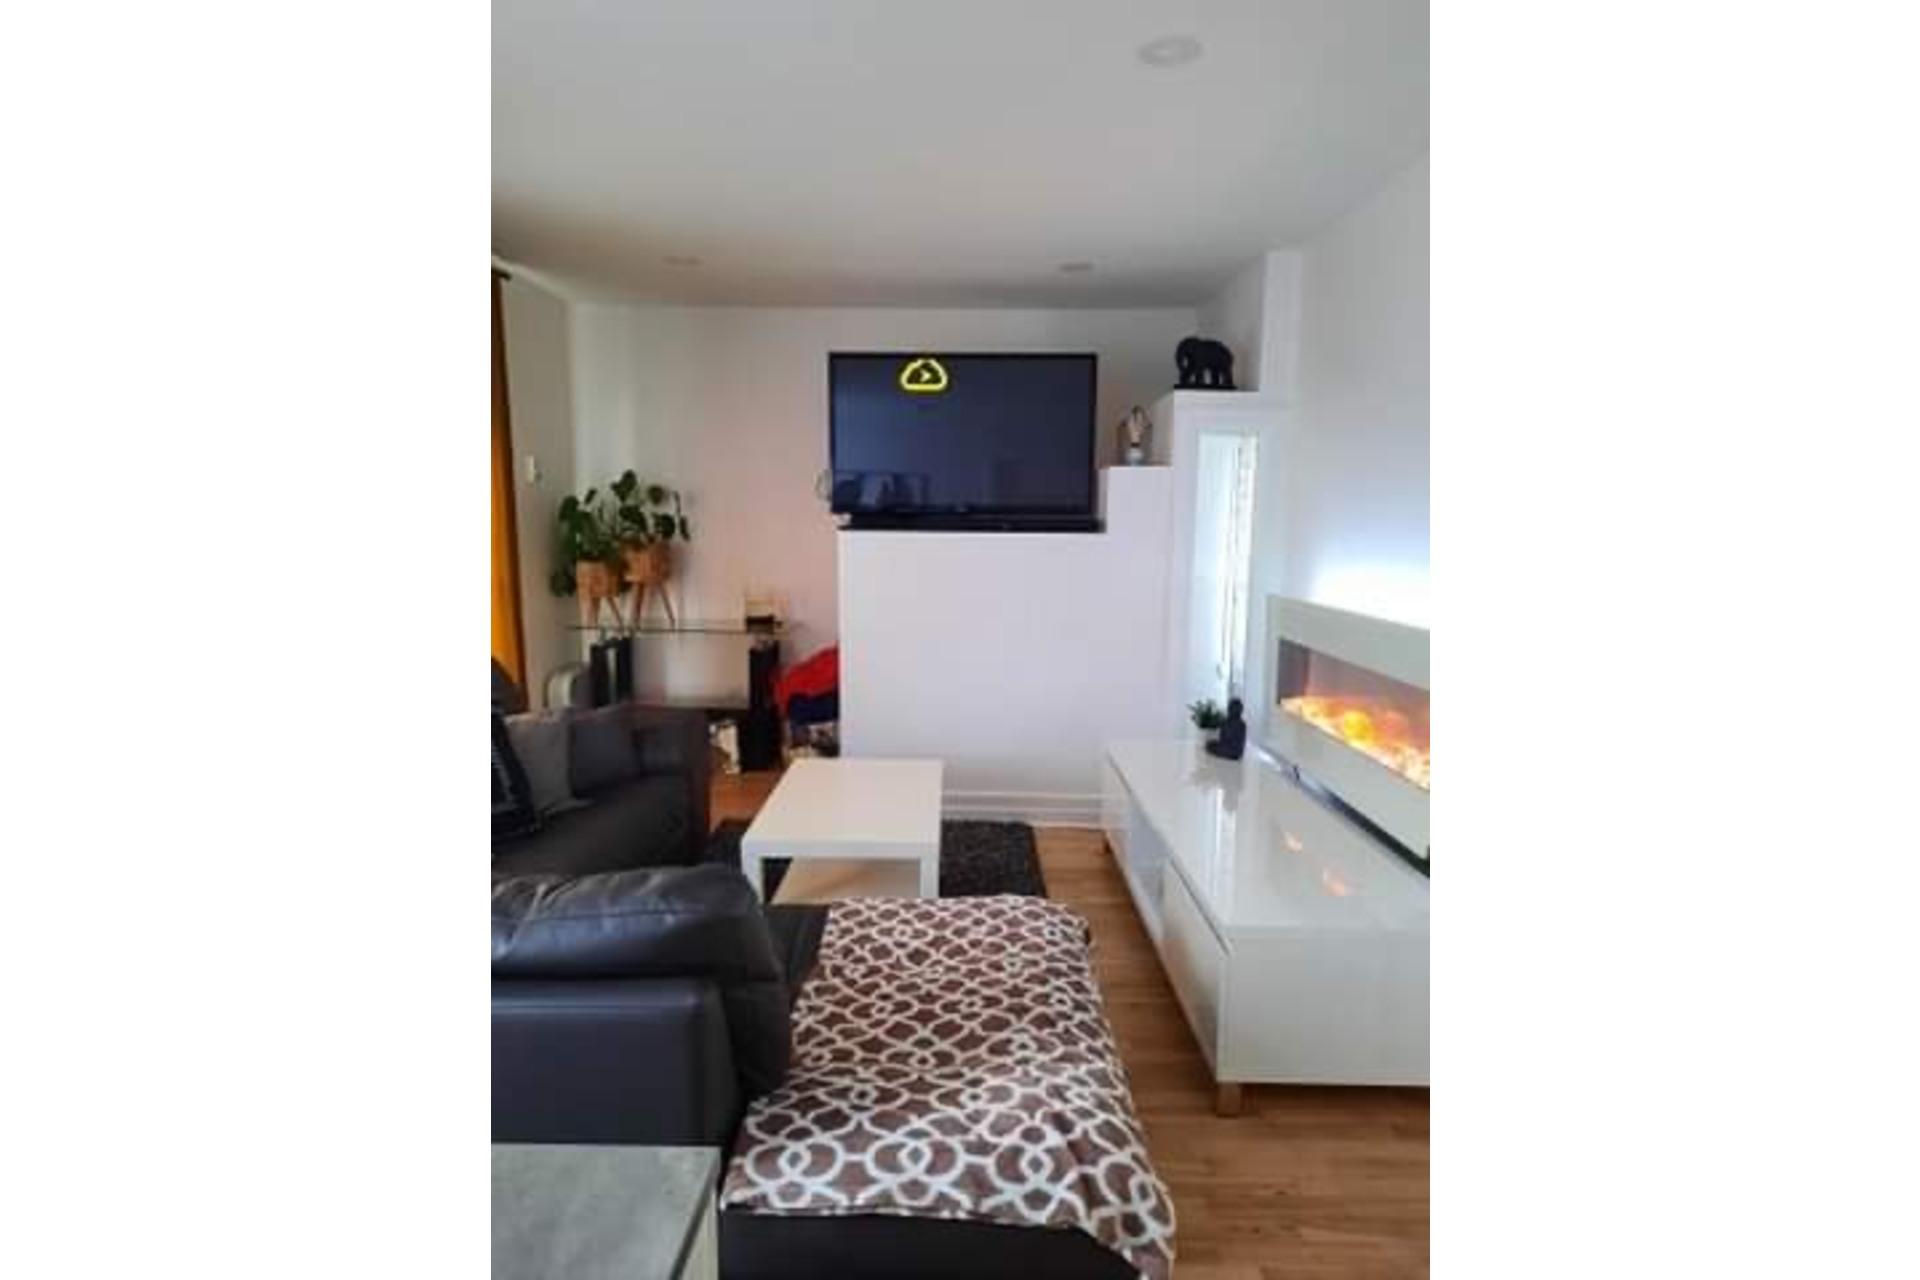 image 3 - Appartement À louer L'Île-Perrot - 4 pièces